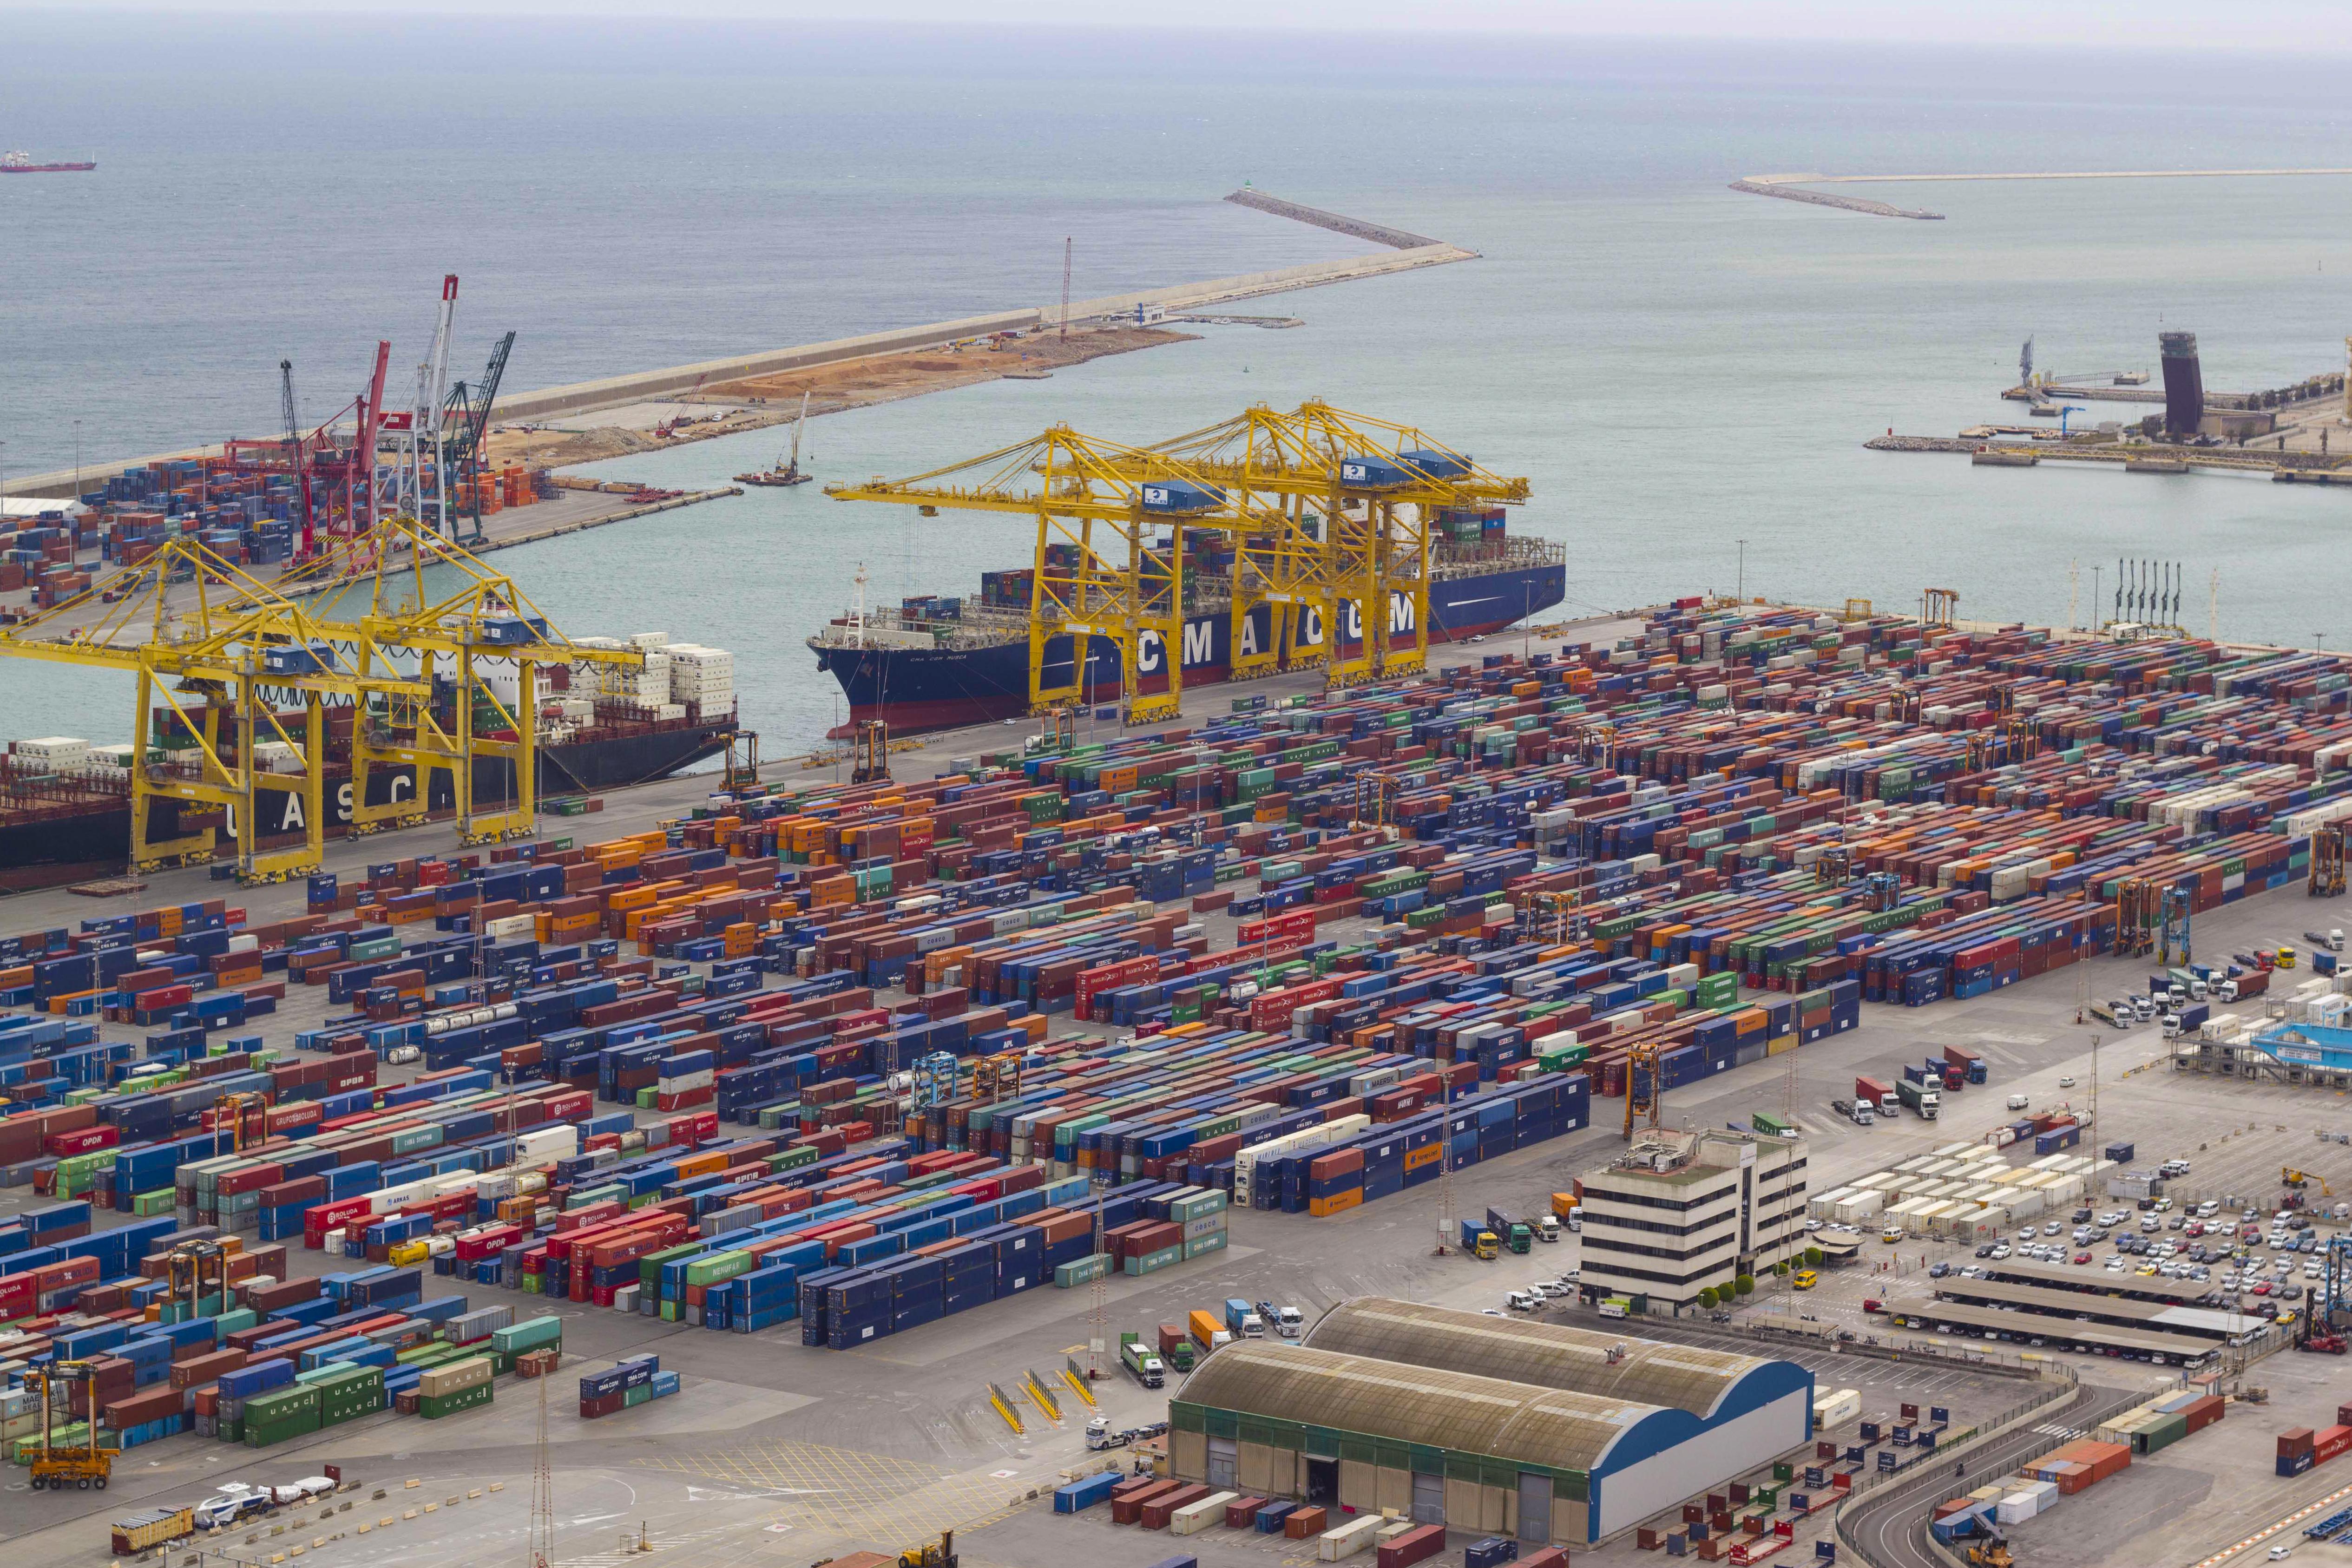 輸出する時の港の様子